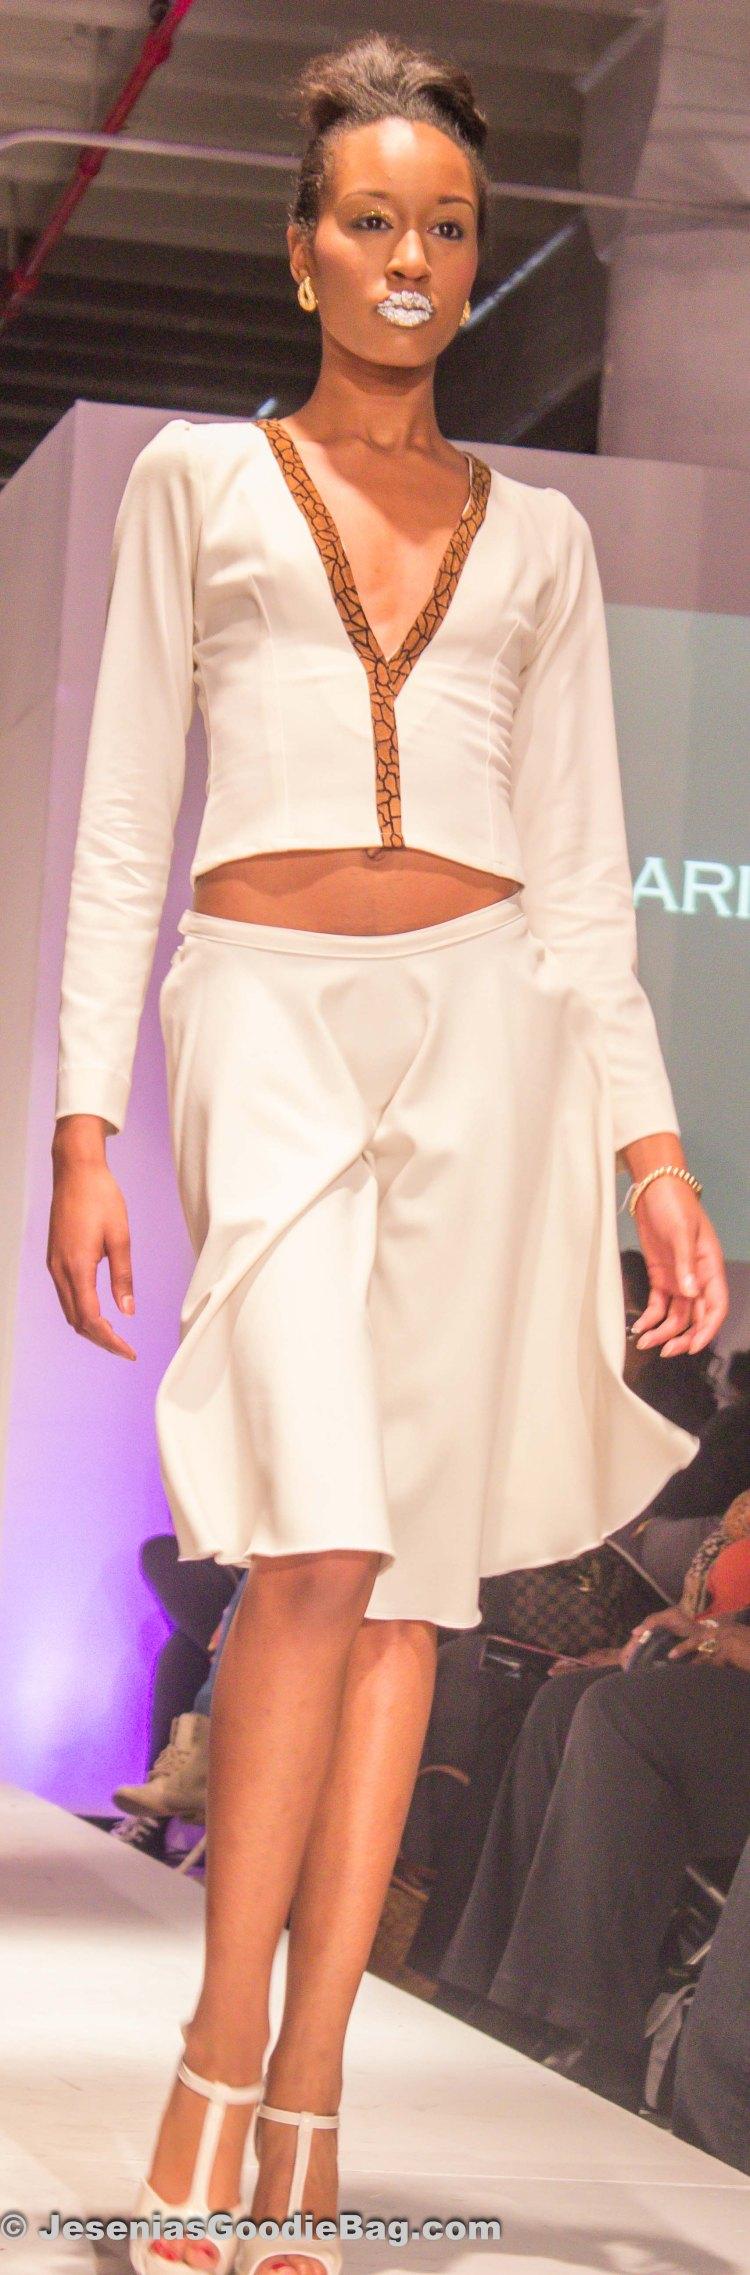 Kyrin Anay Design